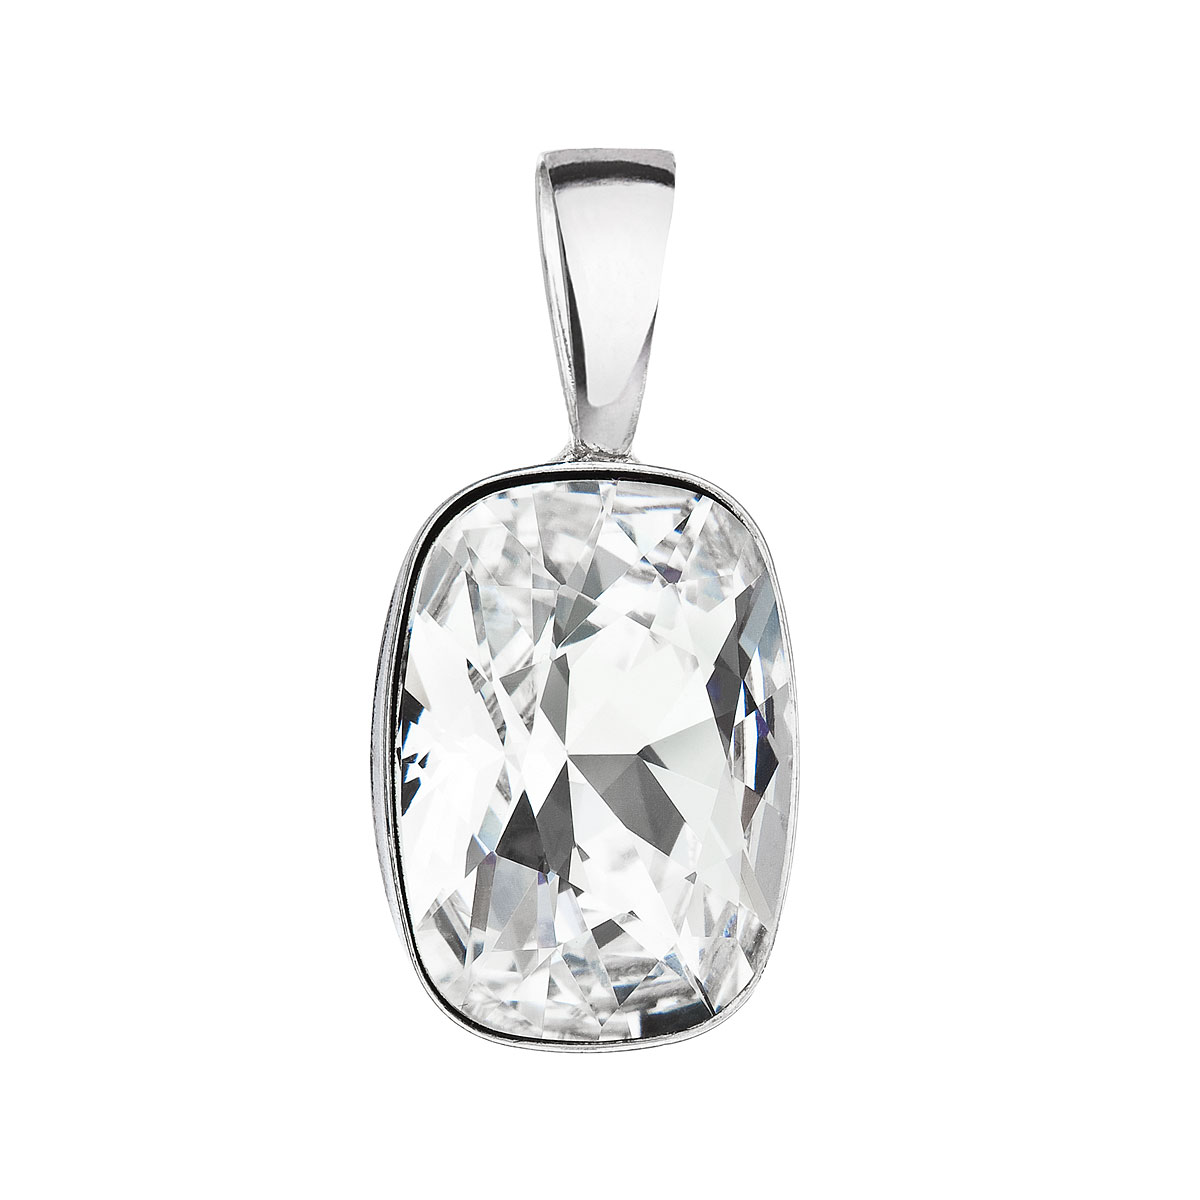 Evolution Group Stříbrný přívěsek s krystaly Swarovski bílý obdélník 34244.1